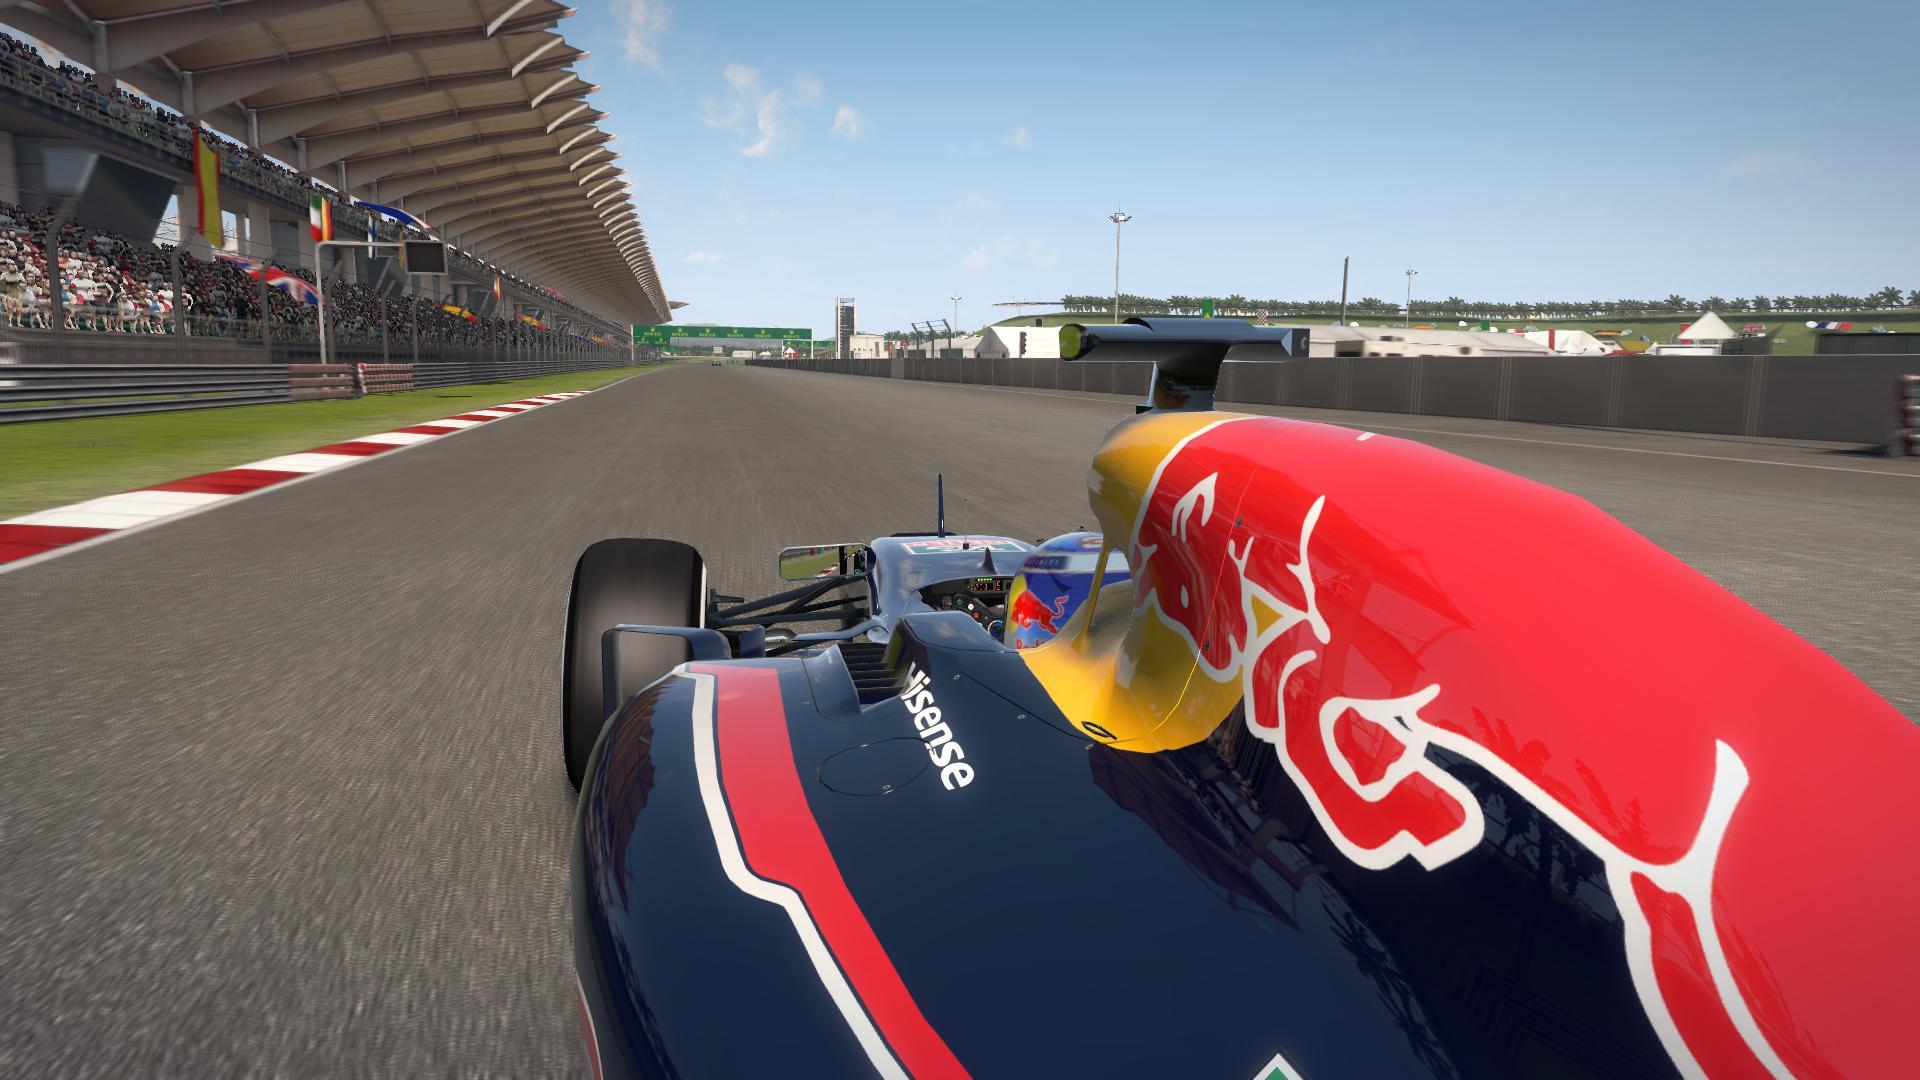 F1_2014 2017-03-09 17-20-08-54.jpg